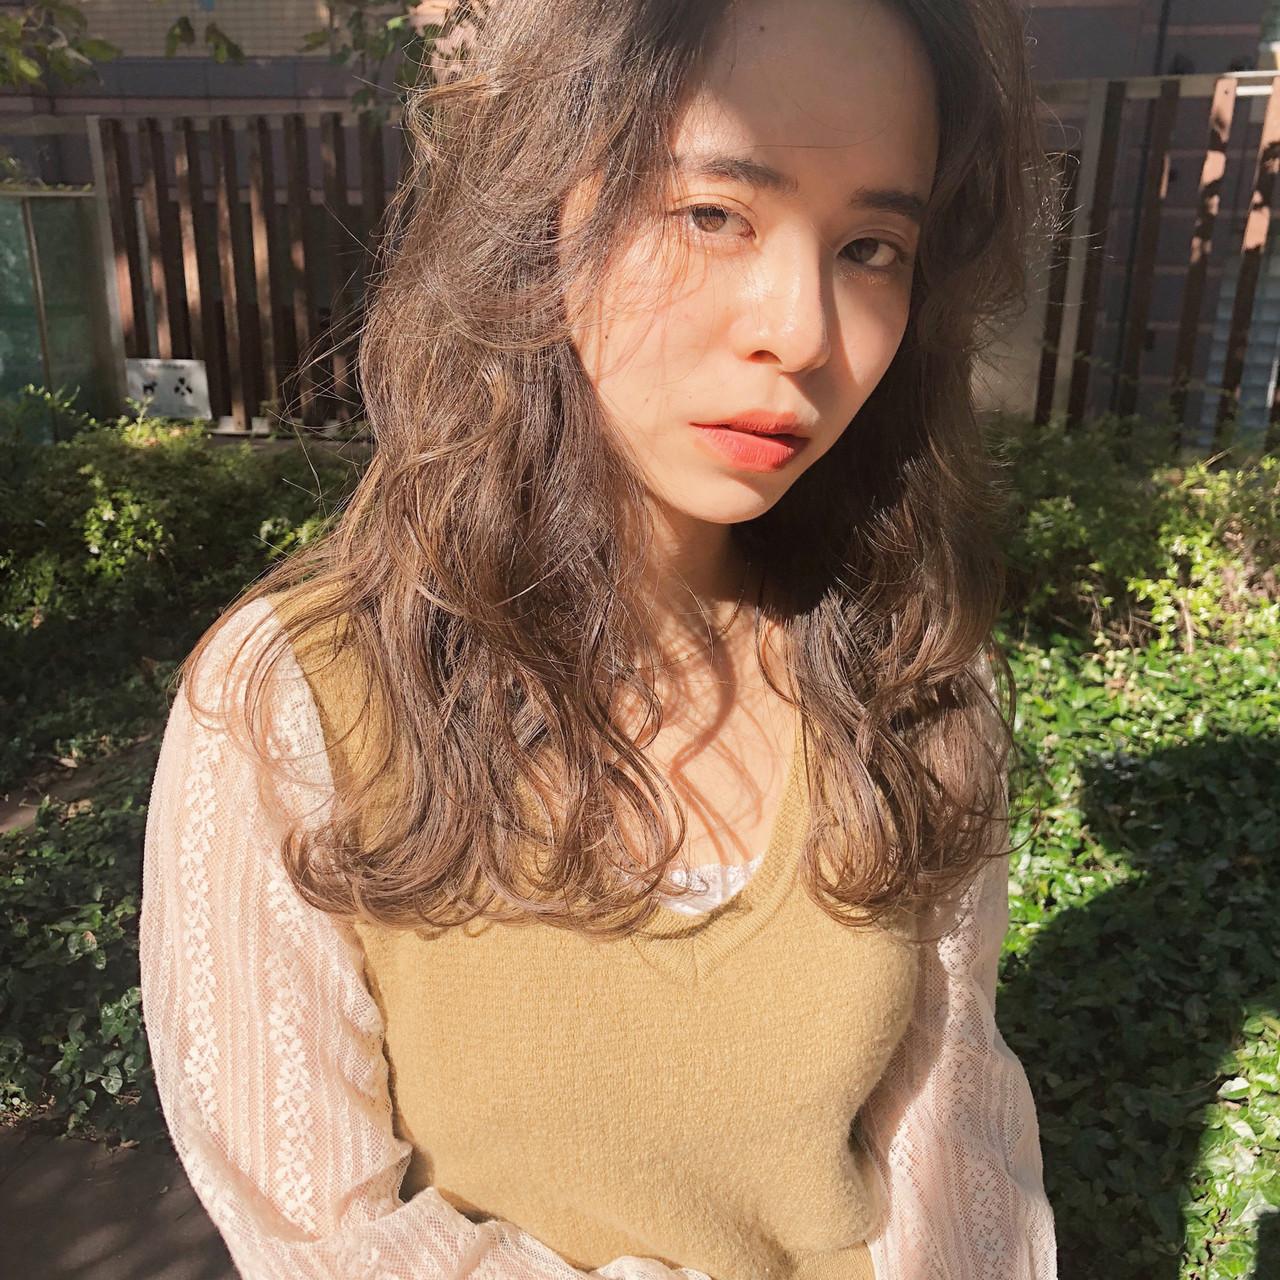 簡単ヘアアレンジ ハイライト アンニュイほつれヘア 大人かわいい ヘアスタイルや髪型の写真・画像